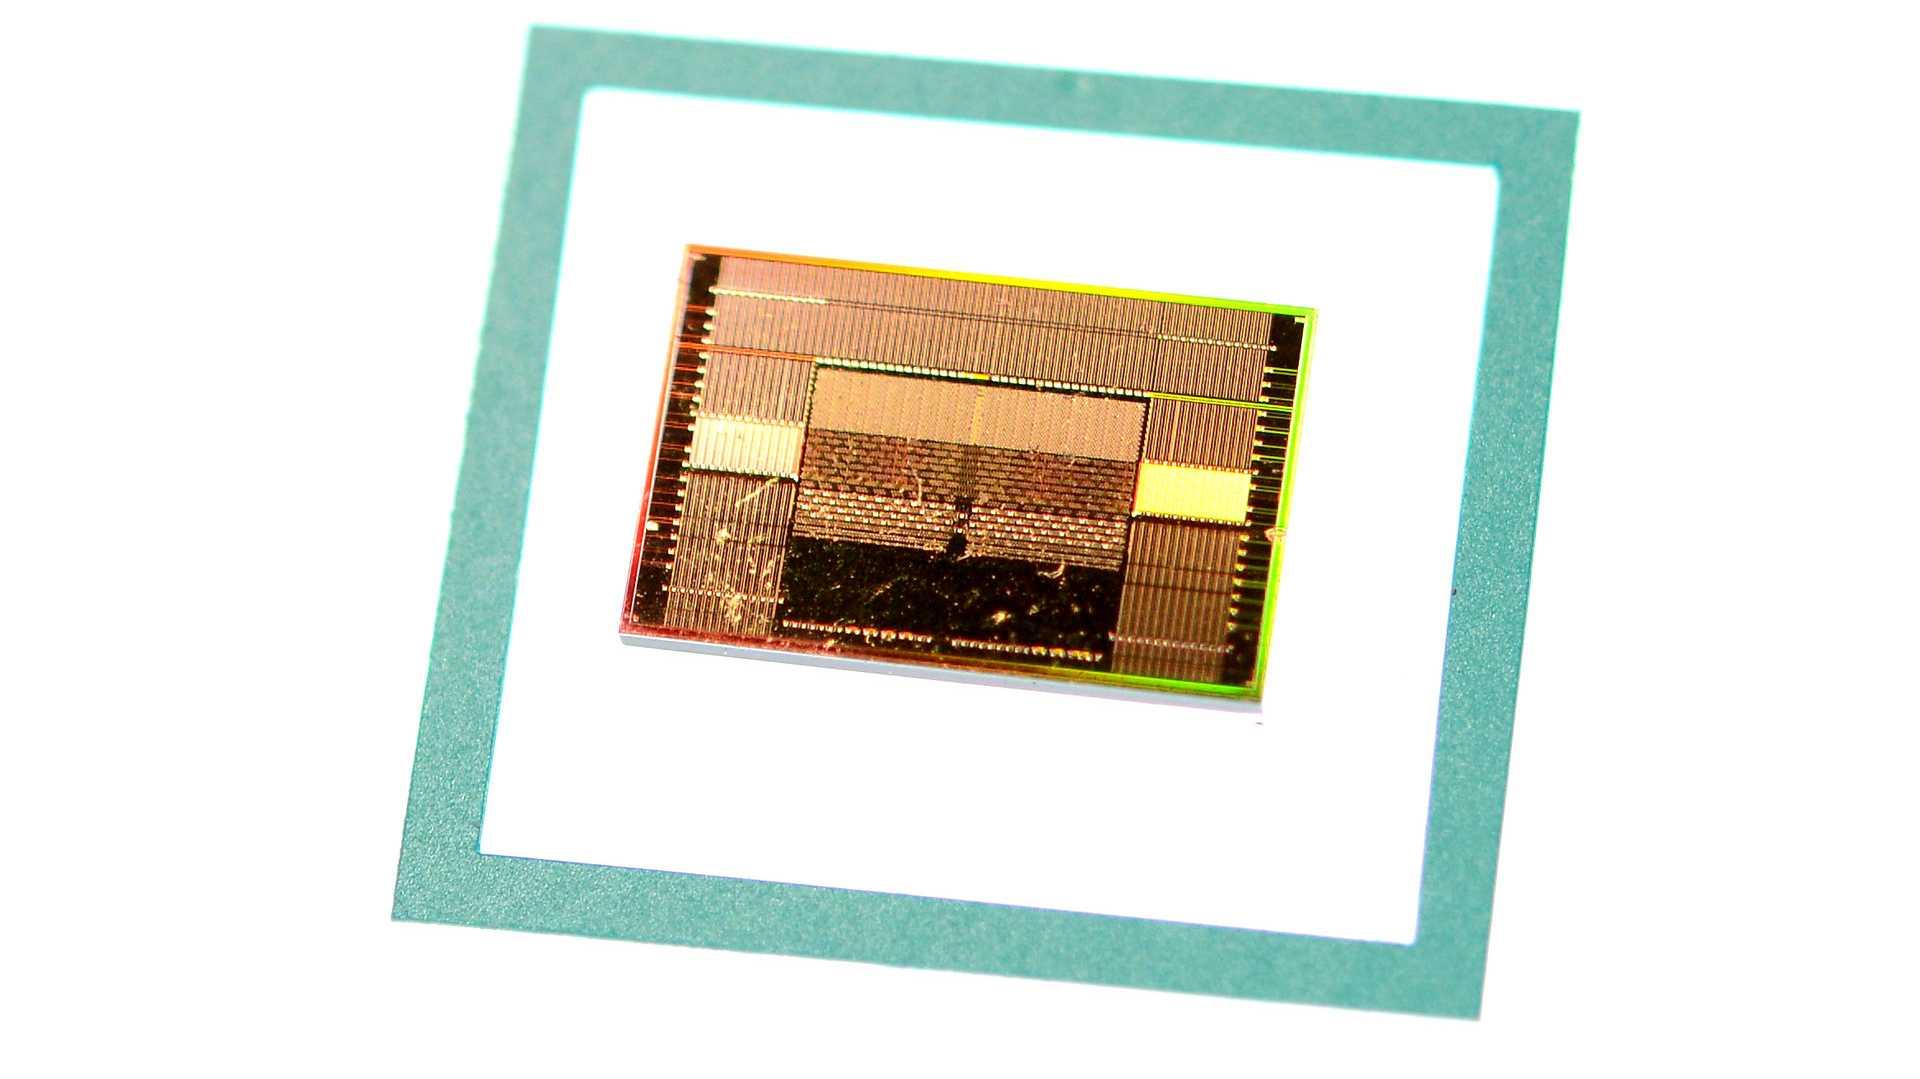 Schneller Samsung-Speicher Flashbolt: HBM2E mit 410 GByte/s pro Chip